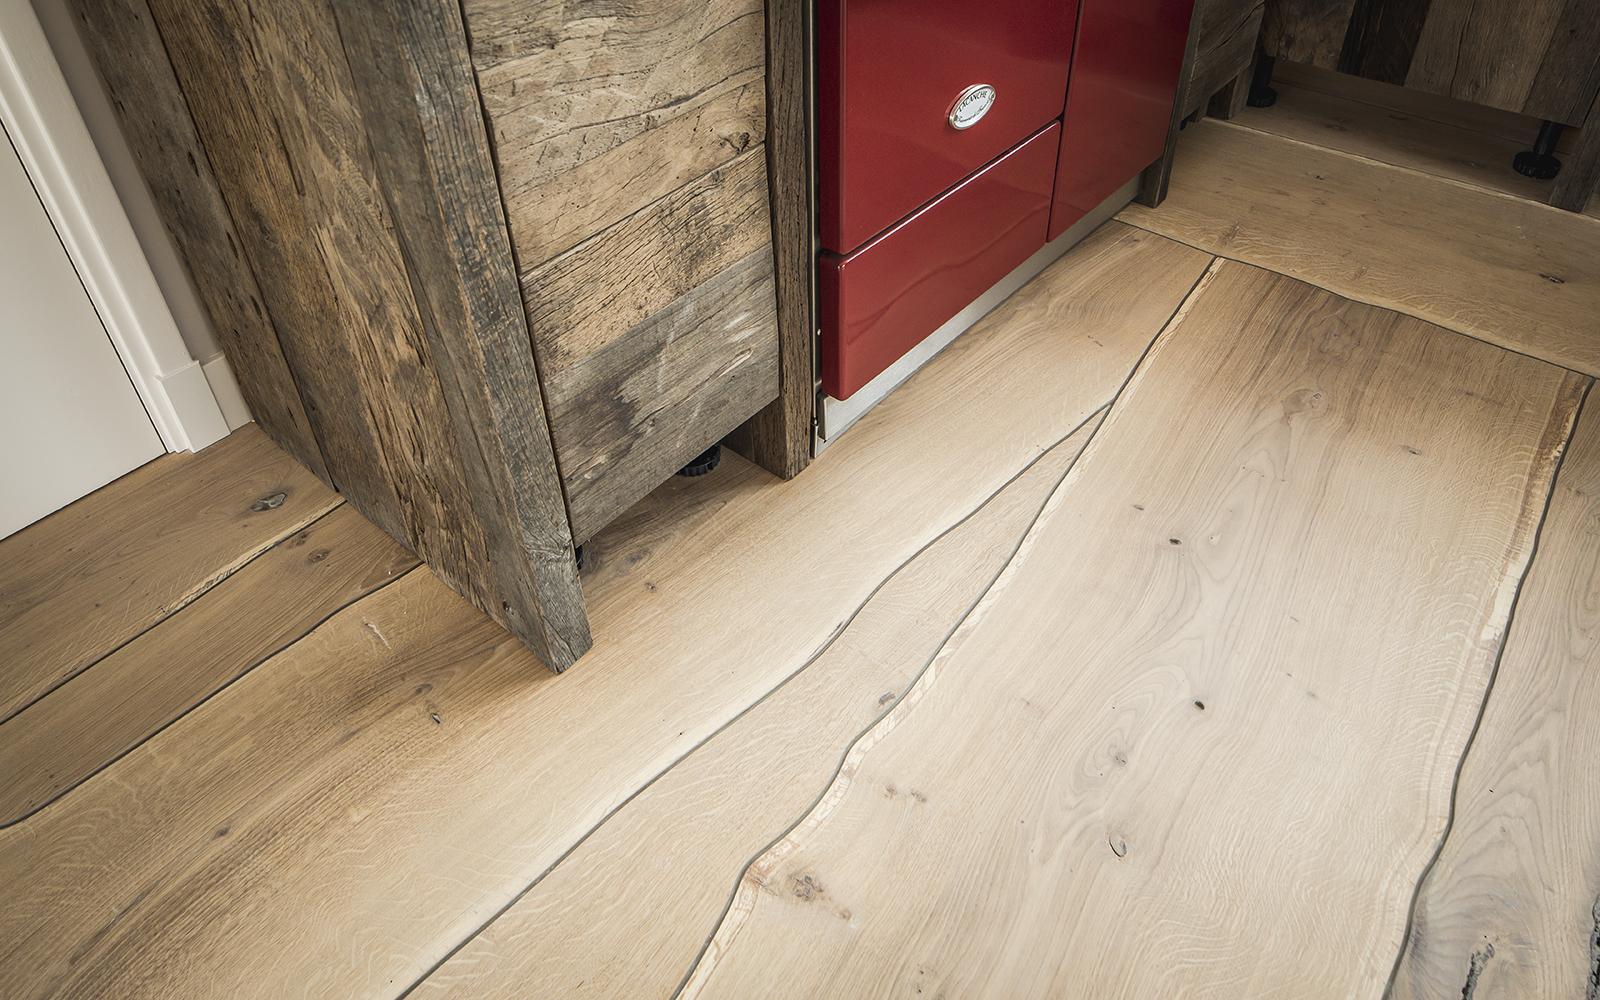 De Houtsnip, Houten vloeren, Parketvloeren, boomstamvloeren, boomstamtafels, houten tafels